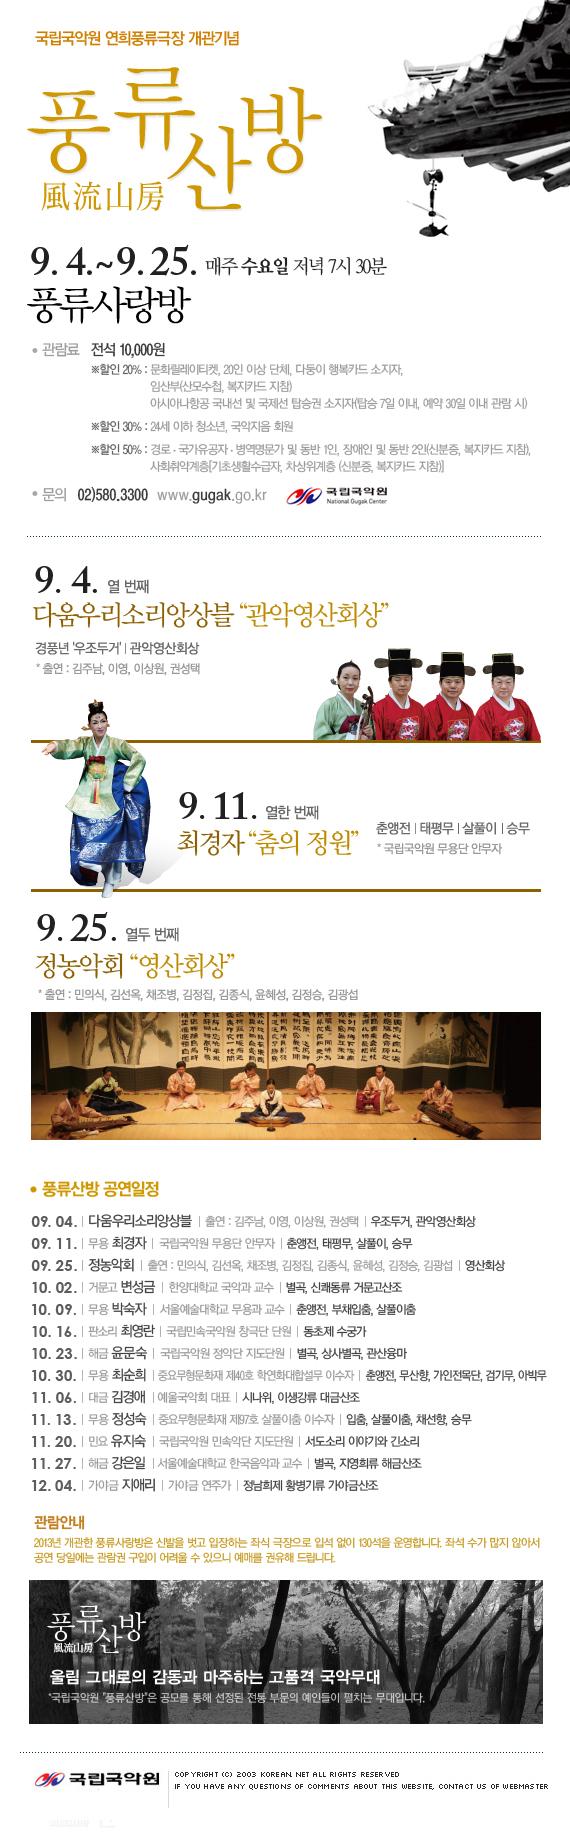 국립국악원 연희풍류극장 개관기념 - 풍류산방 風流山房